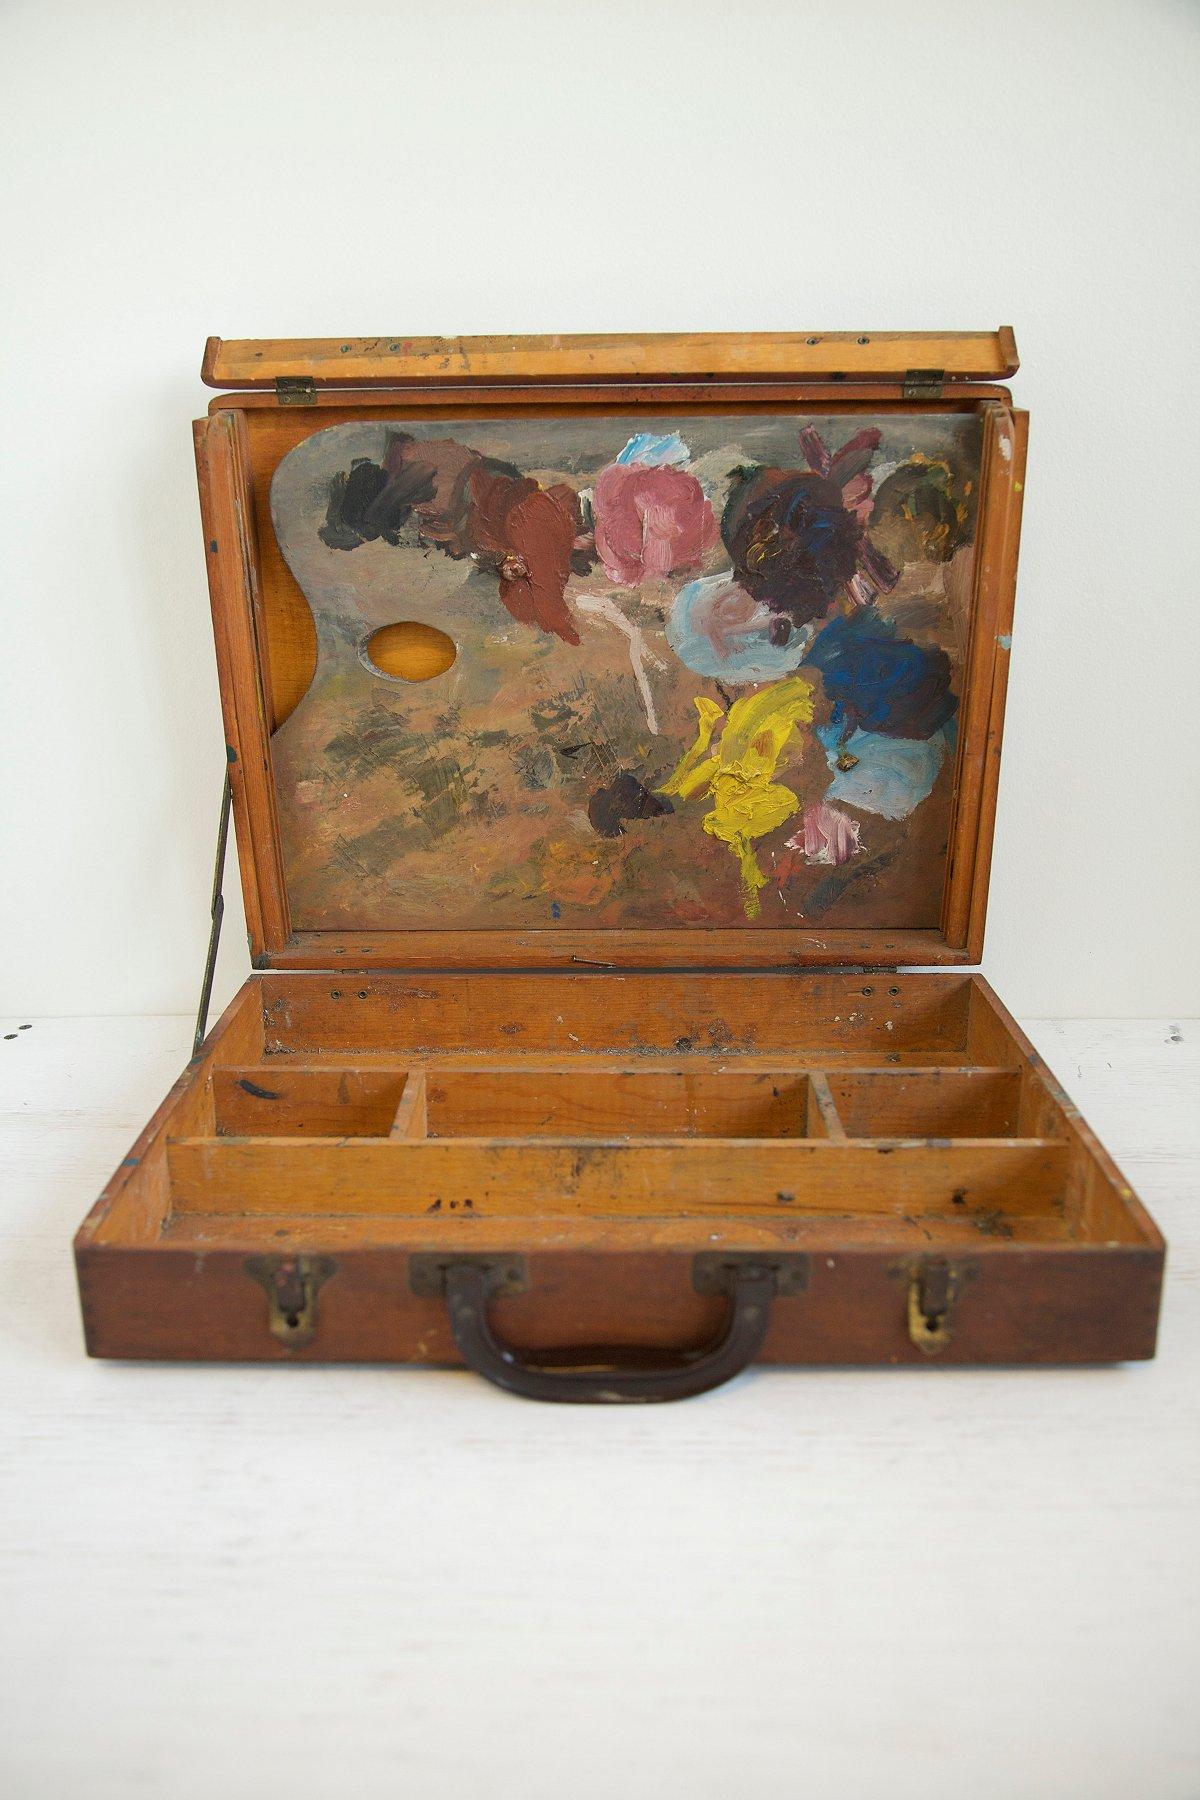 Vintage 1960s Painter's Box